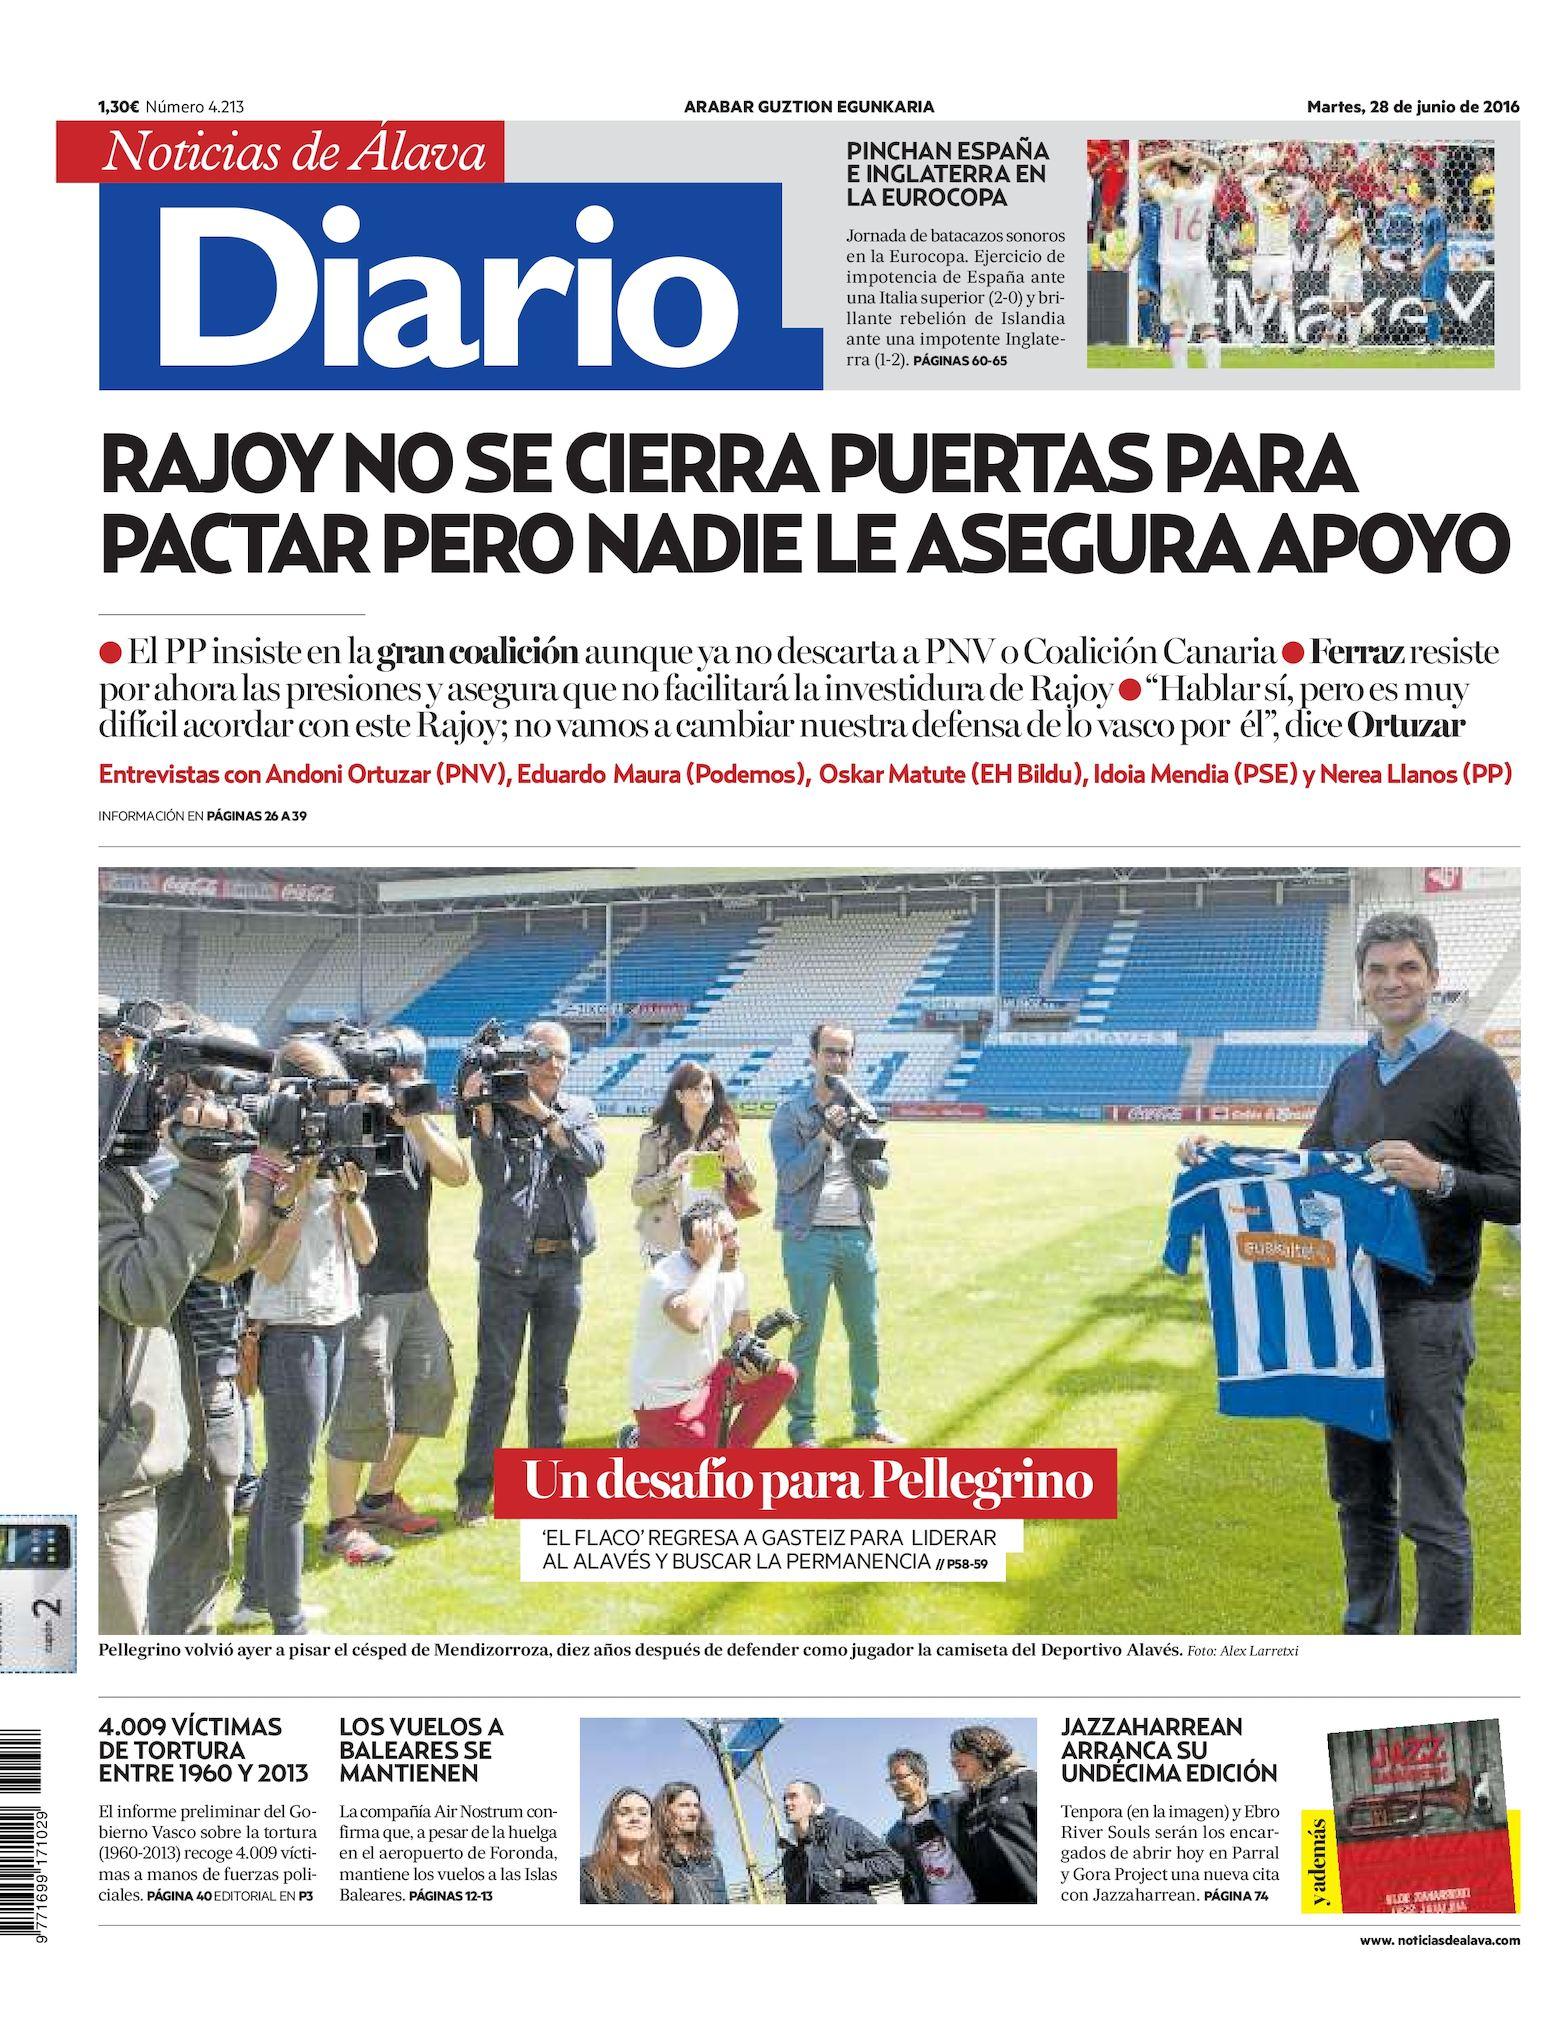 6756d6b69d Calaméo - Diario de Noticias de Álava 20160628